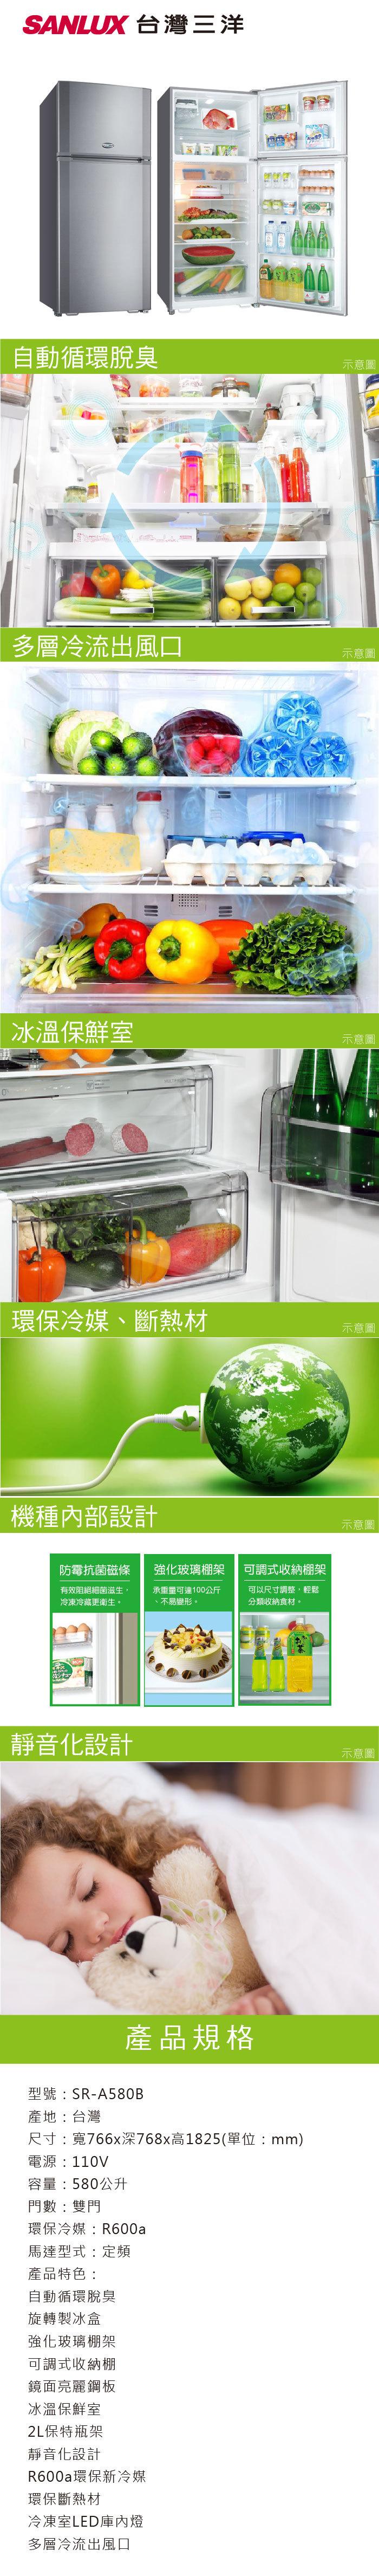 SANLUX 台灣三洋 SR-A580B 冰箱 580L 自動循環脫臭 冰溫保鮮室 定頻